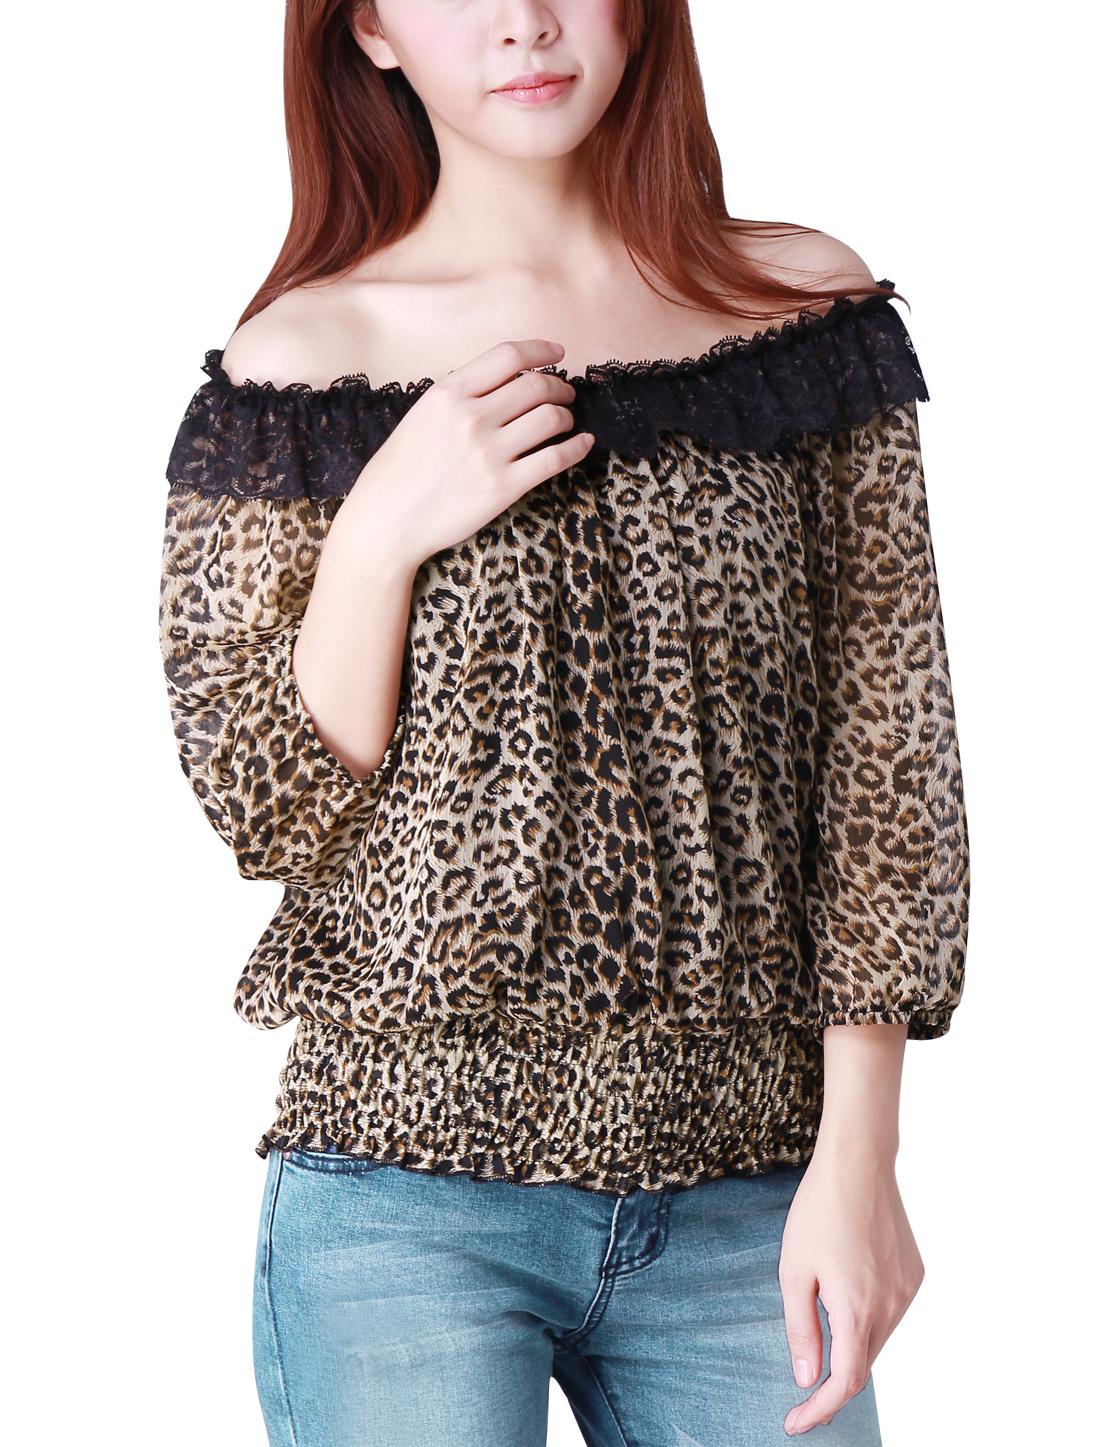 Lady Beige Off Shoulder Lace Neckline Leopard Prints Chiffon Top Blouse L